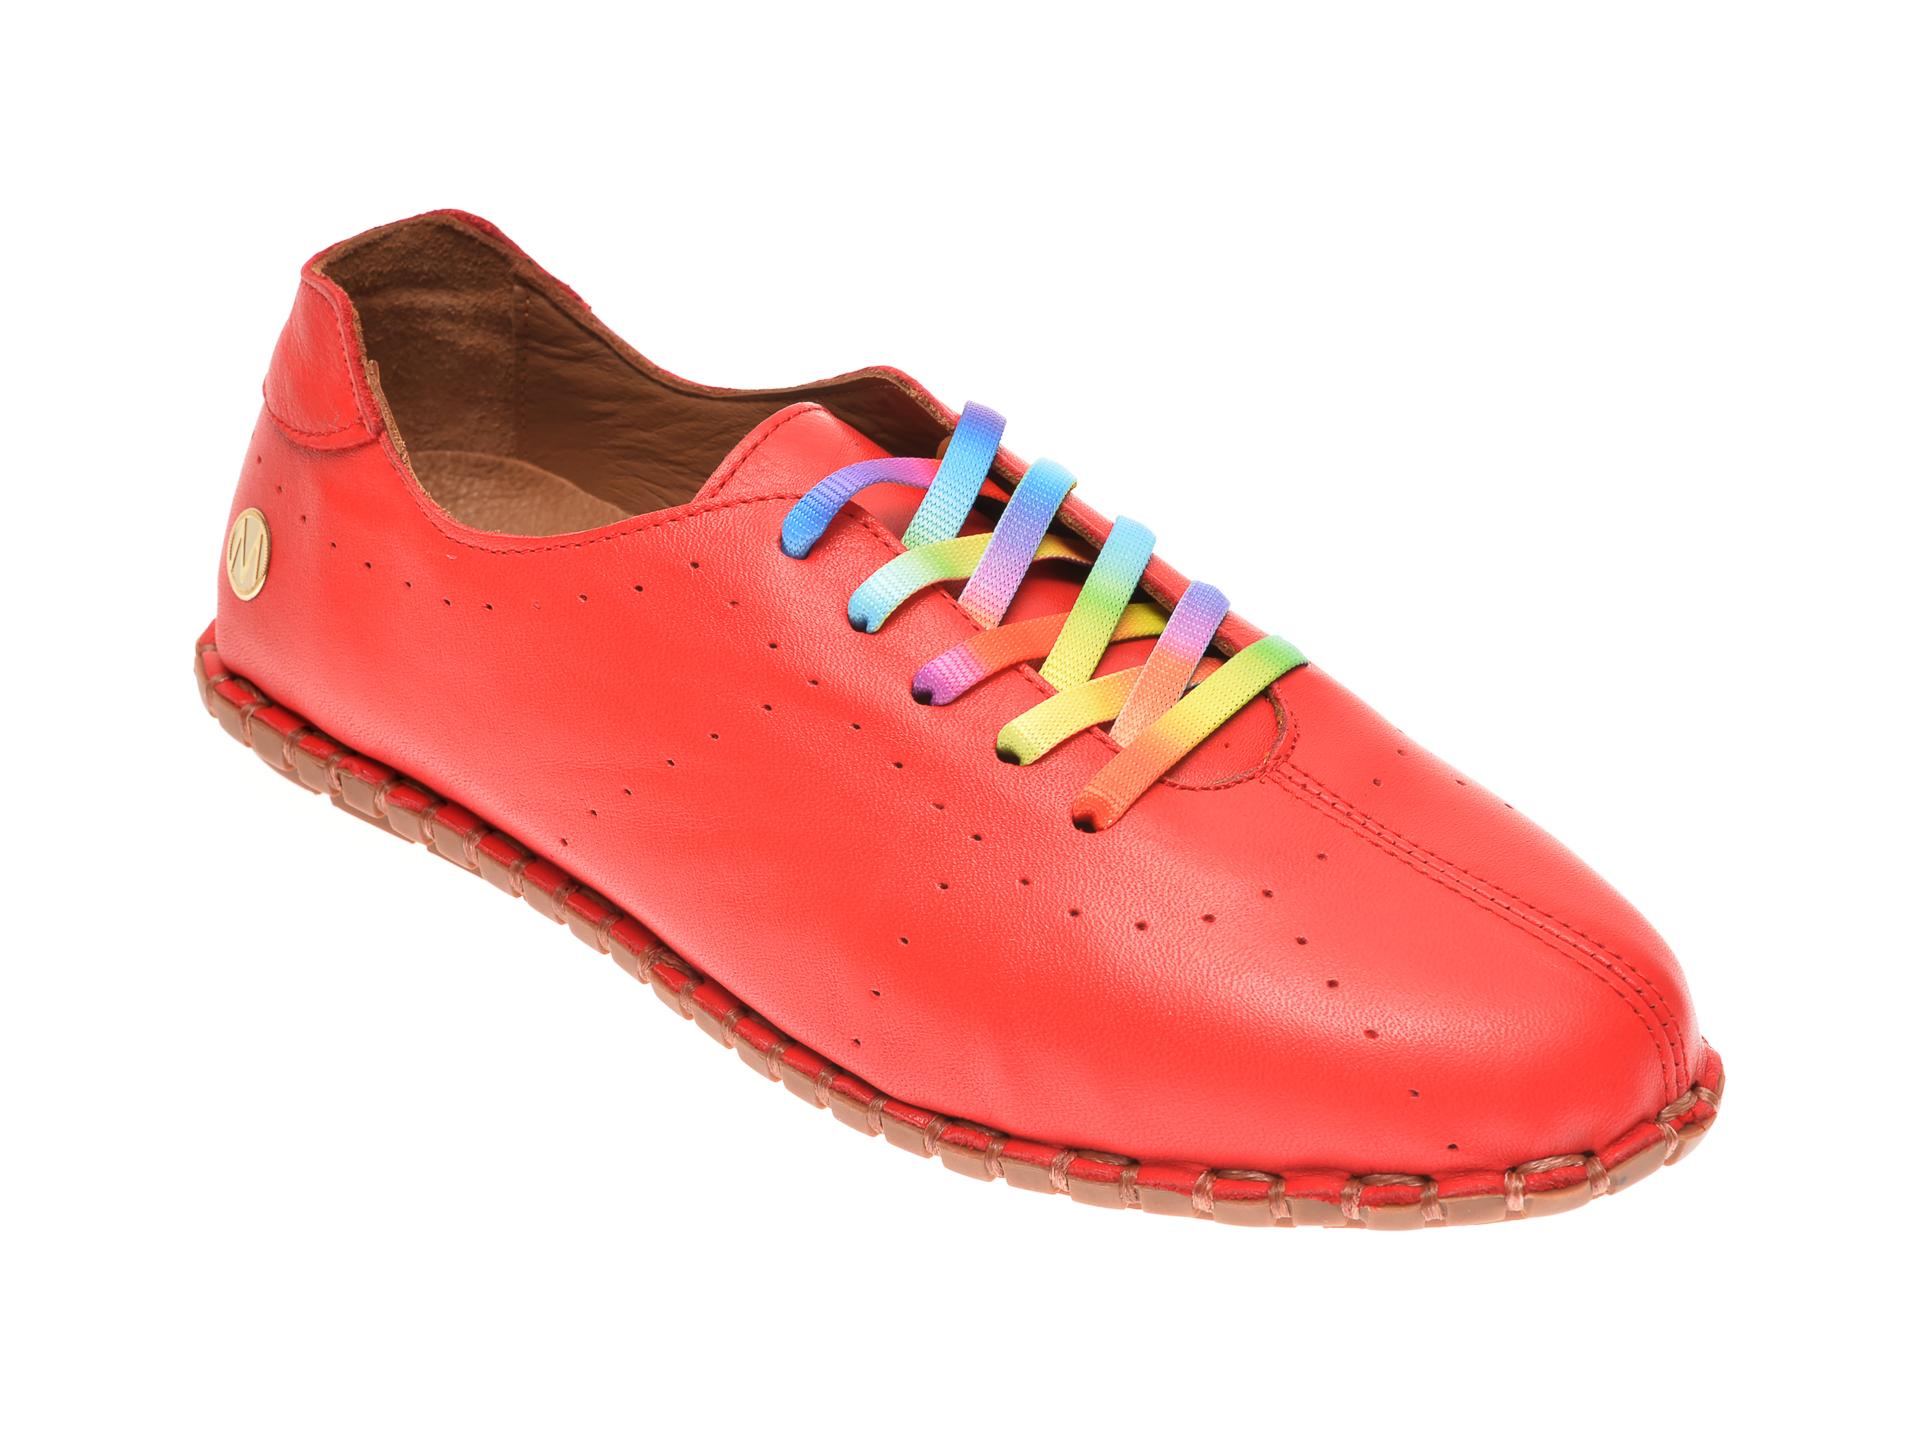 Pantofi MESSIMODA rosii, 20Y2902, din piele naturala